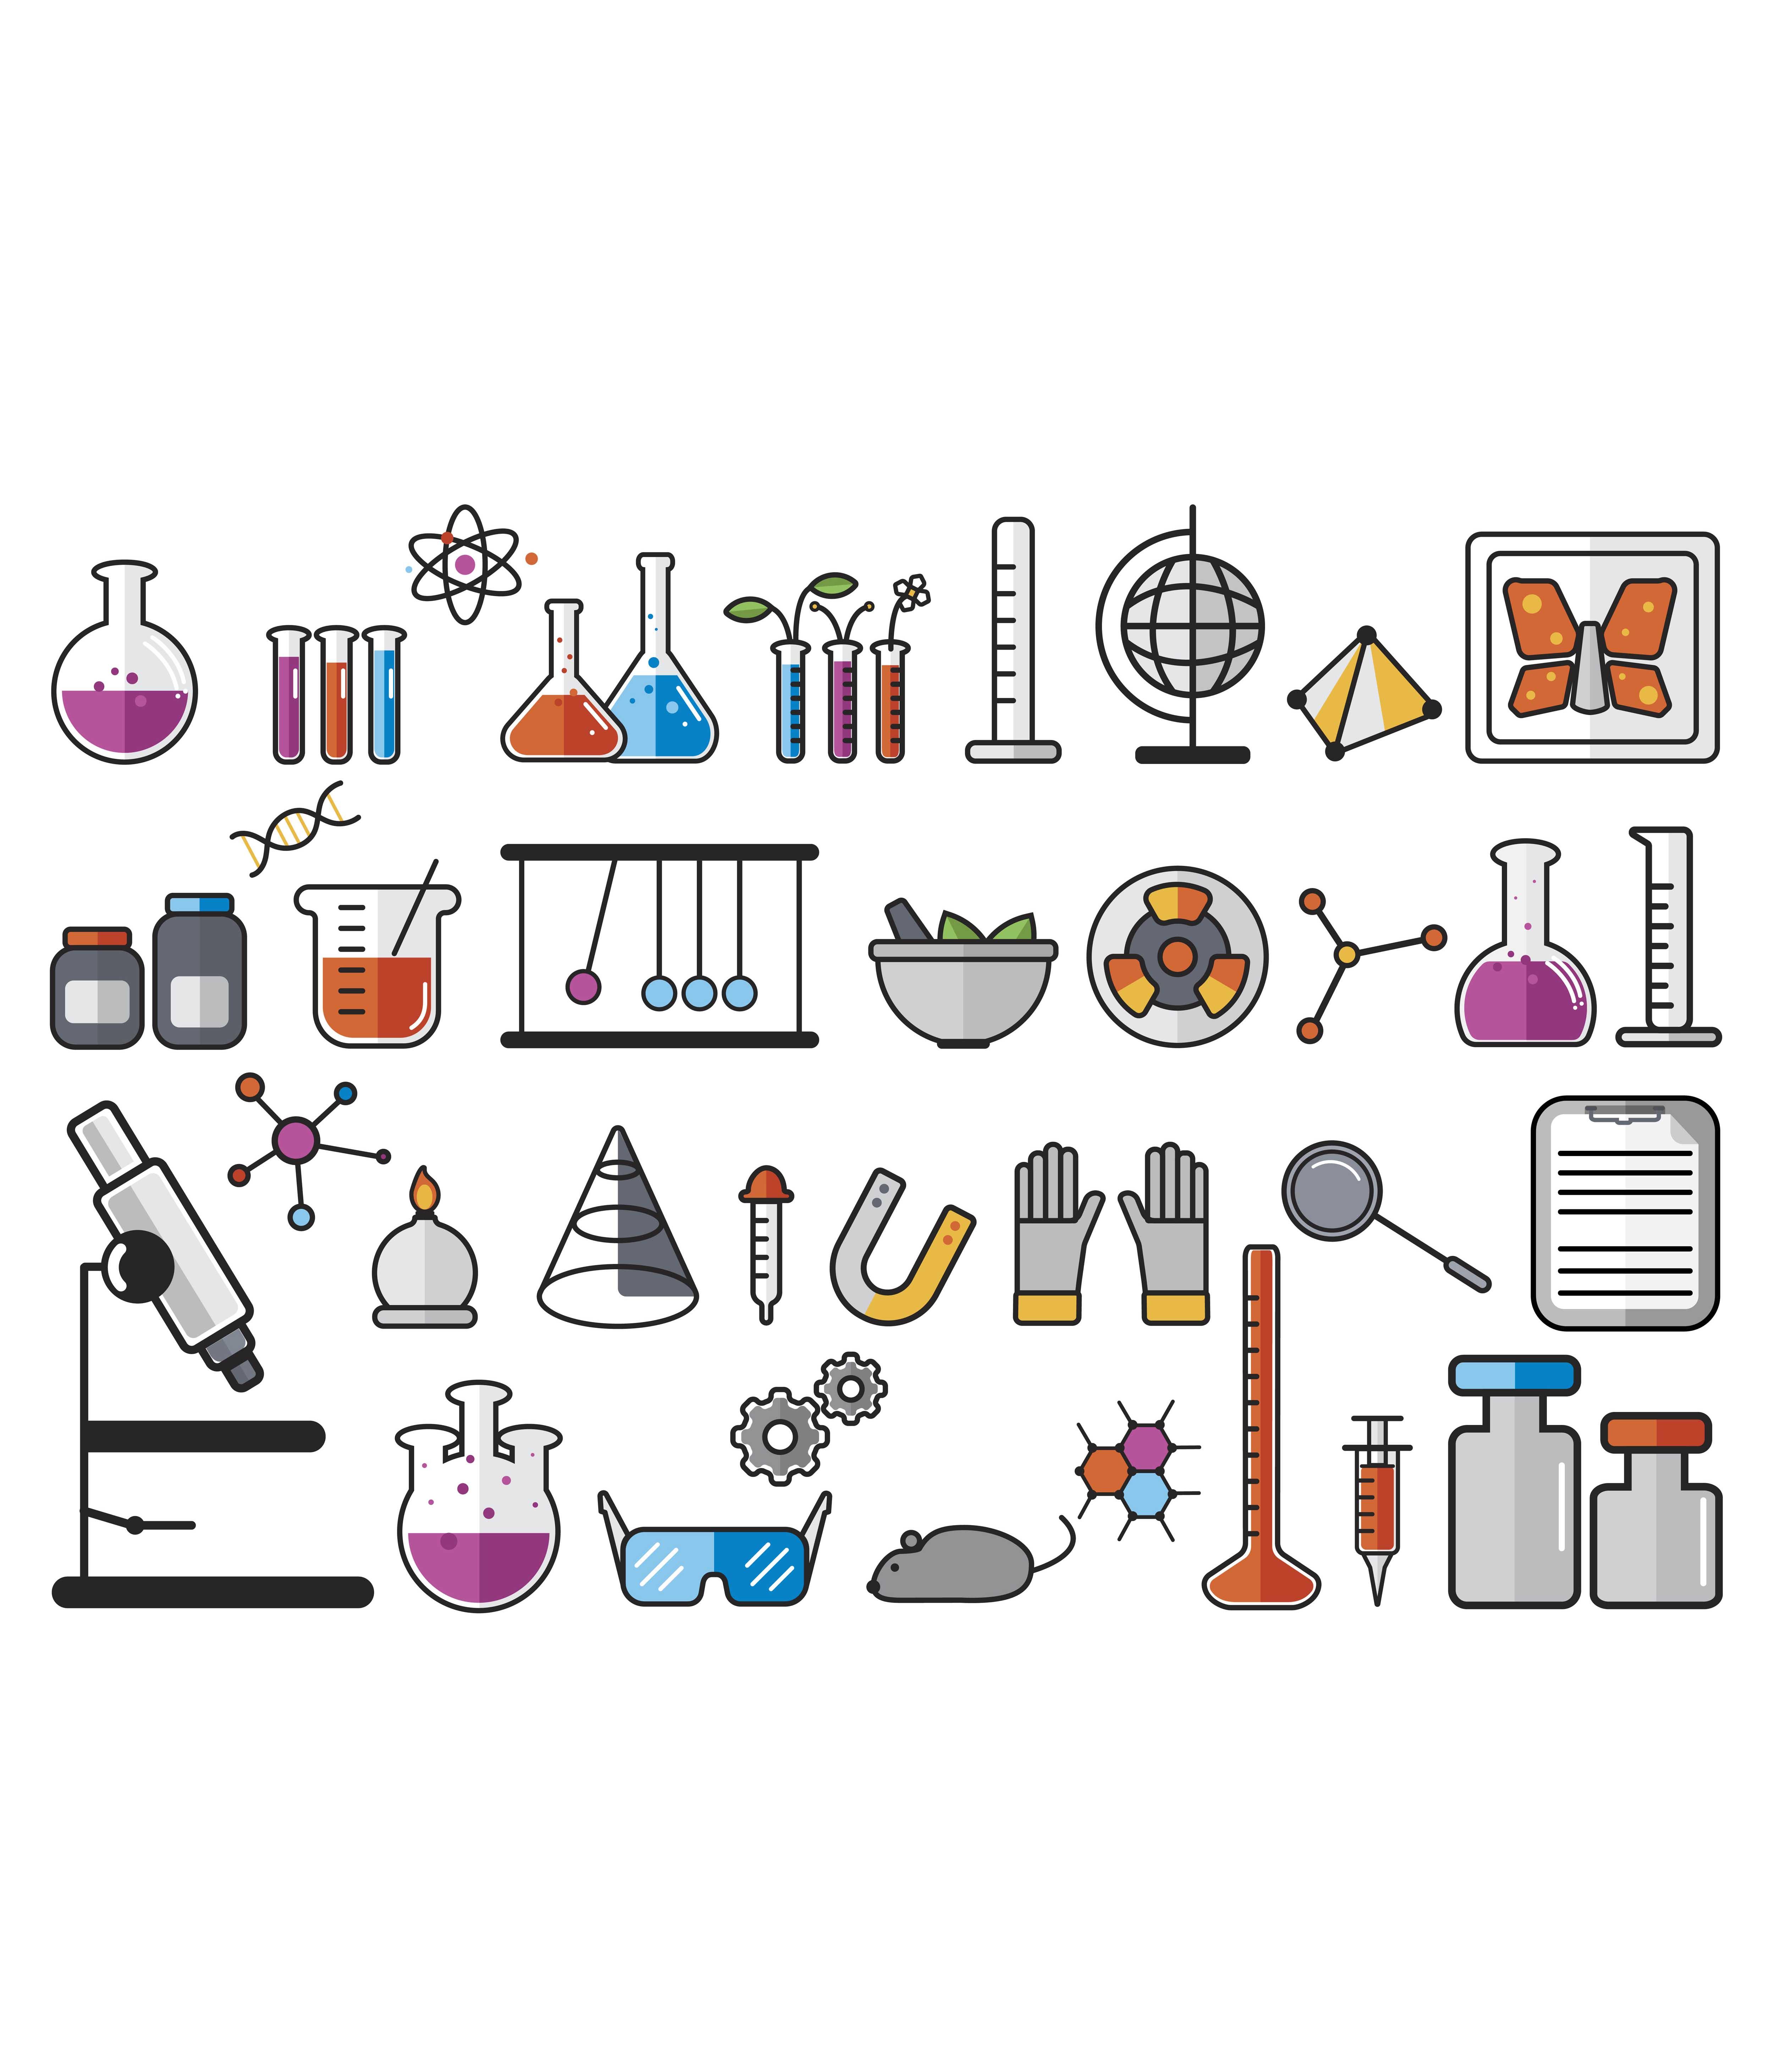 آزمایشگاه/پژوهش